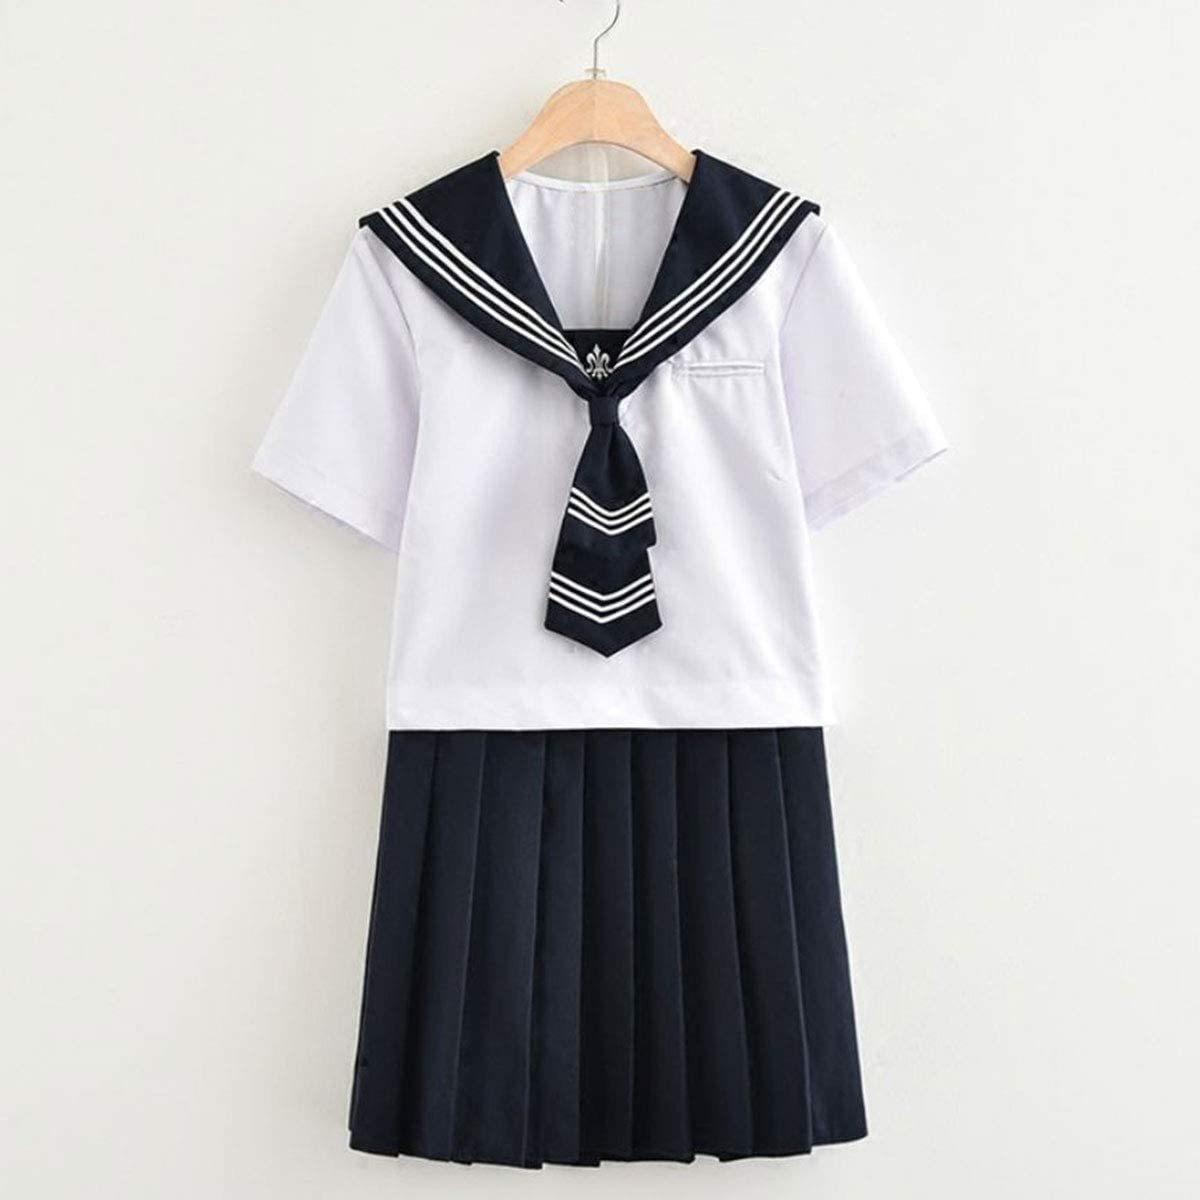 セーラー服コスプレ女子高生制服コスチューム白紺赤XLサイズ半袖×ミニスカート_画像3